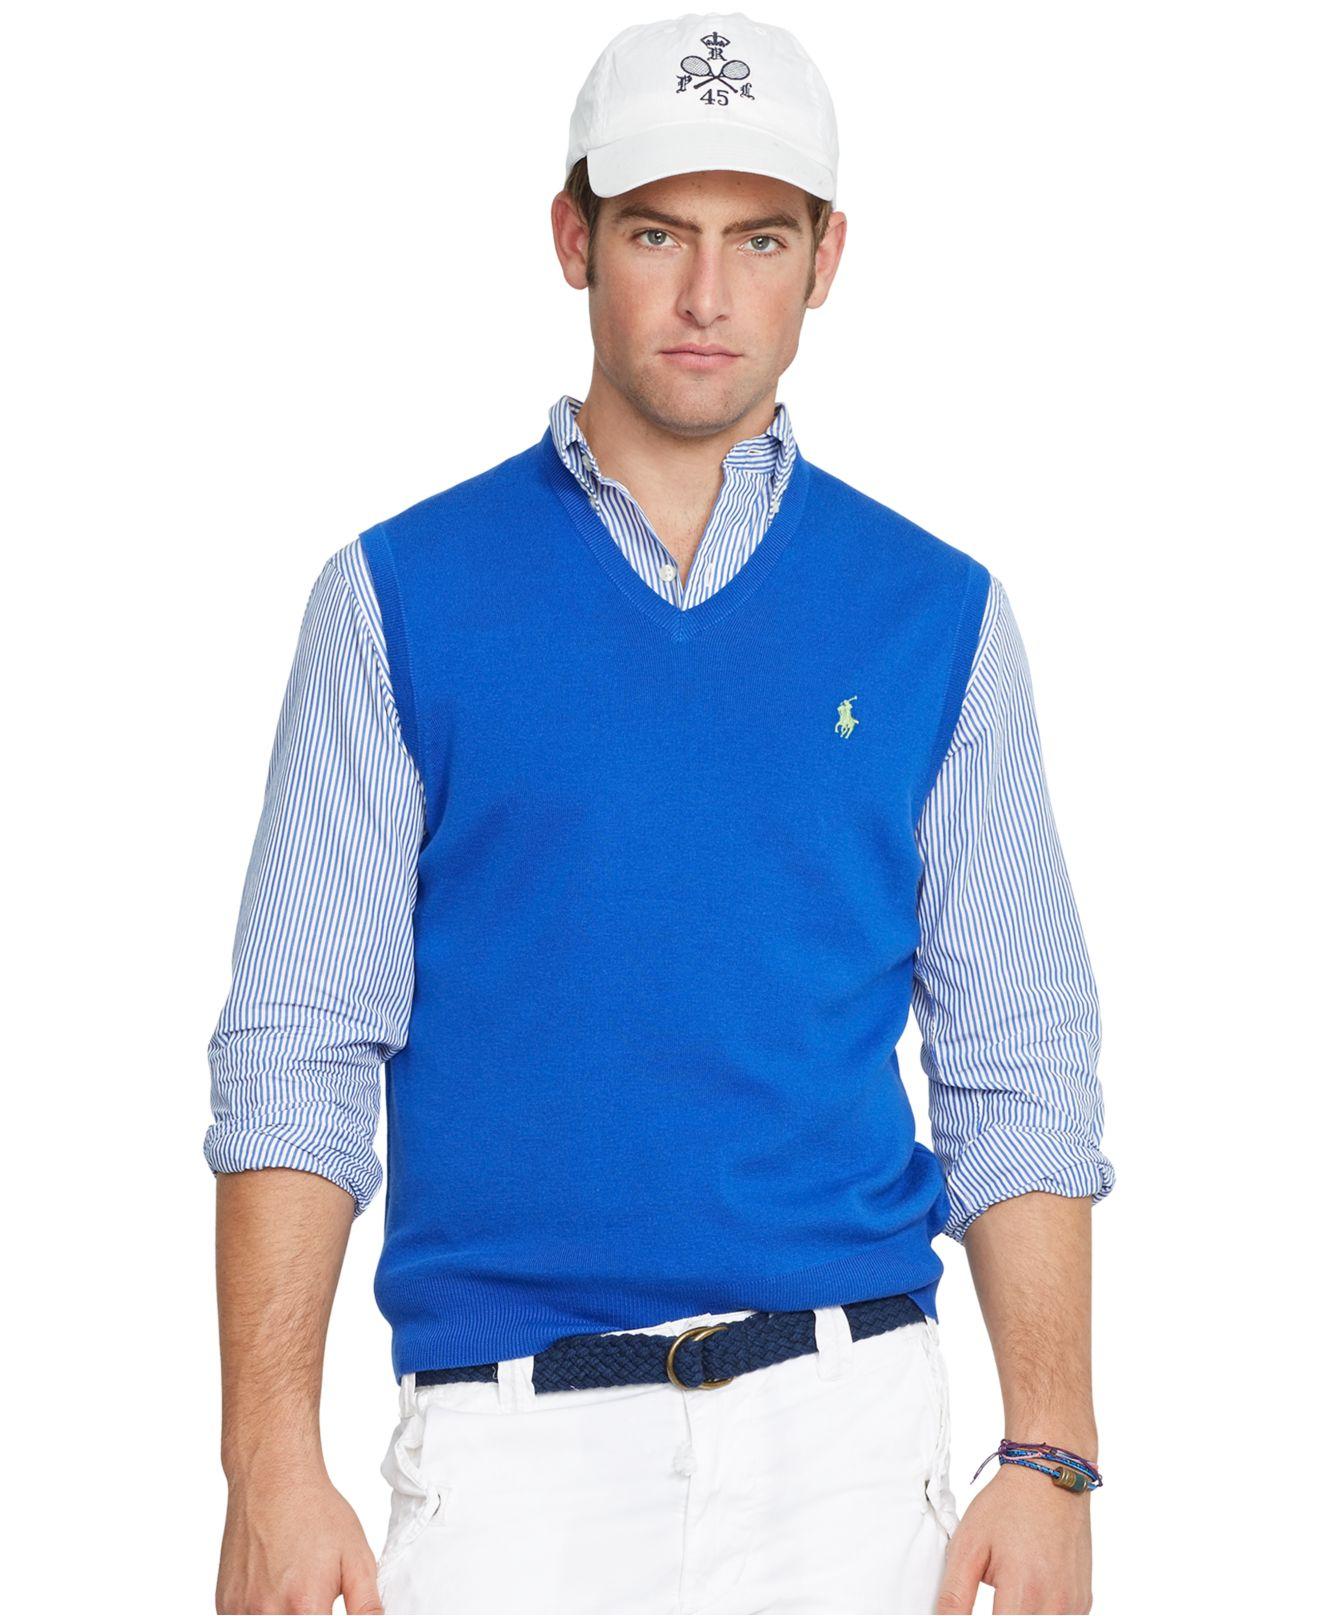 polo ralph lauren pima v neck vest in blue for men lyst. Black Bedroom Furniture Sets. Home Design Ideas